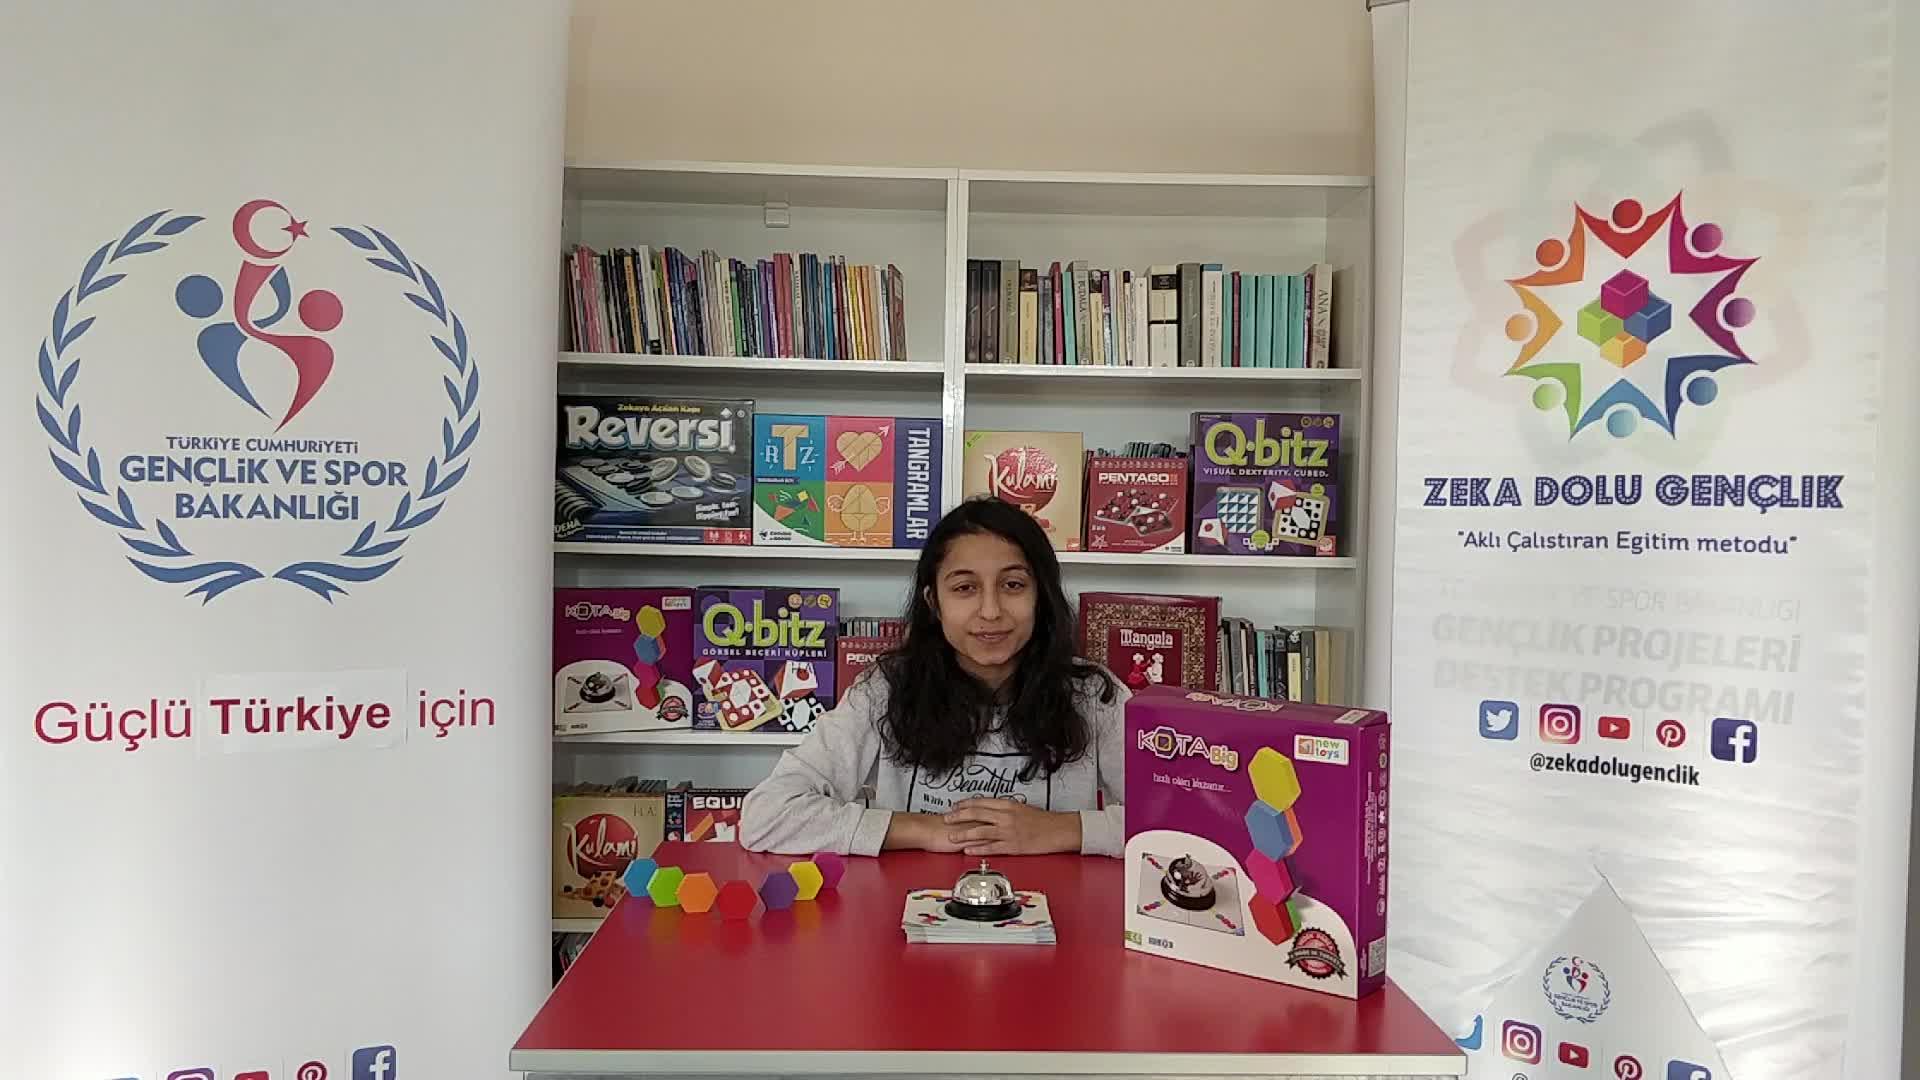 Kota Big Oyunu Nasıl Oynanır Zeka Dolu Gençlik Izle Video